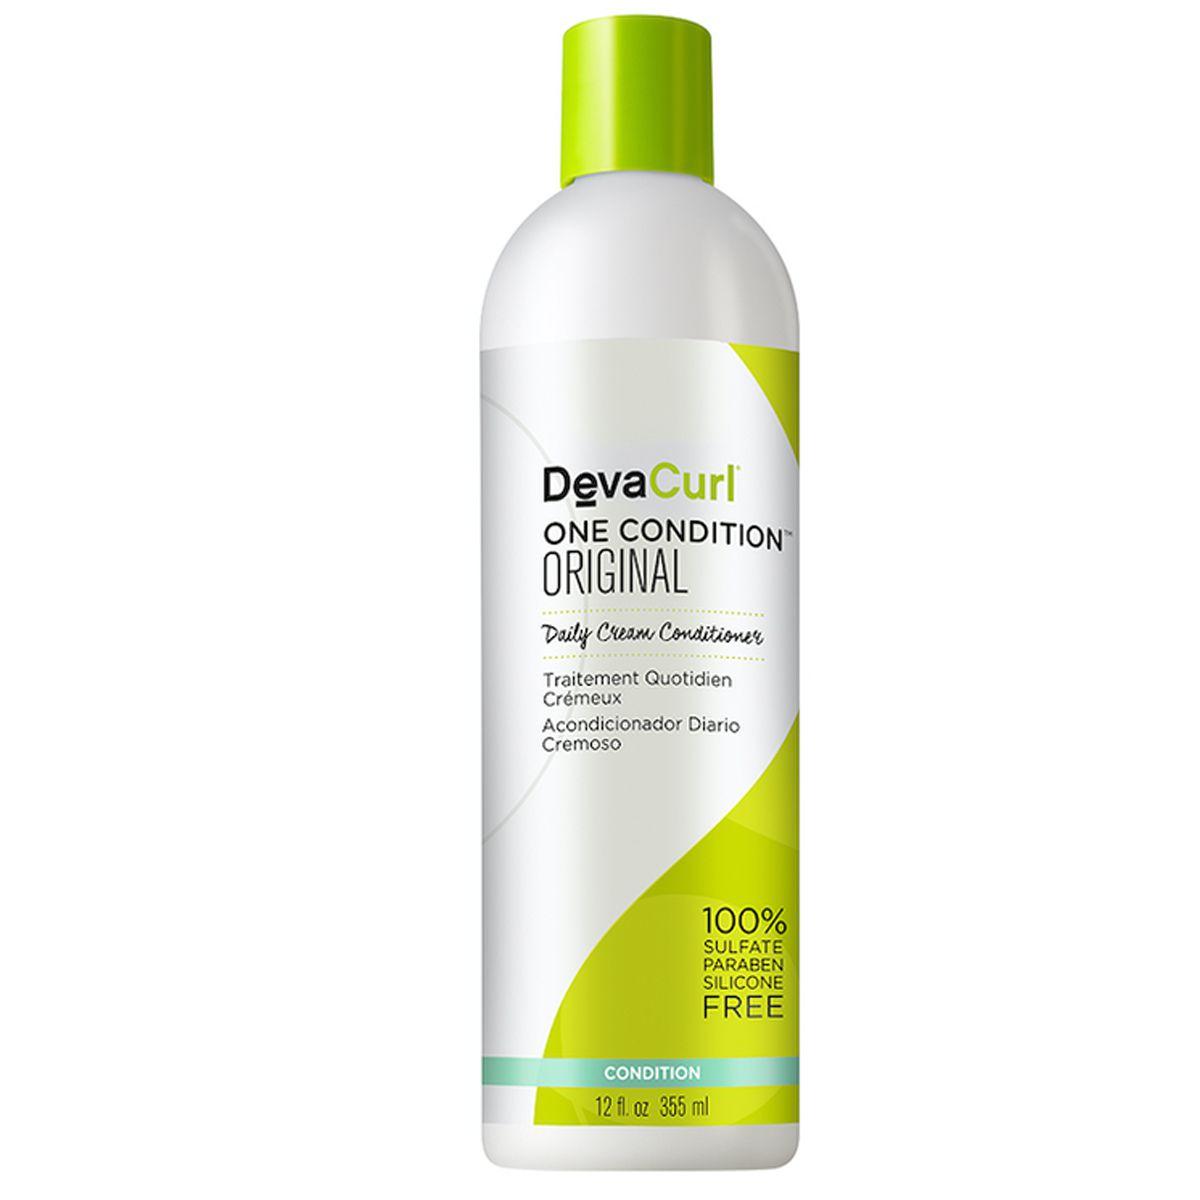 One Condition Original - 355ml - DevaCurl